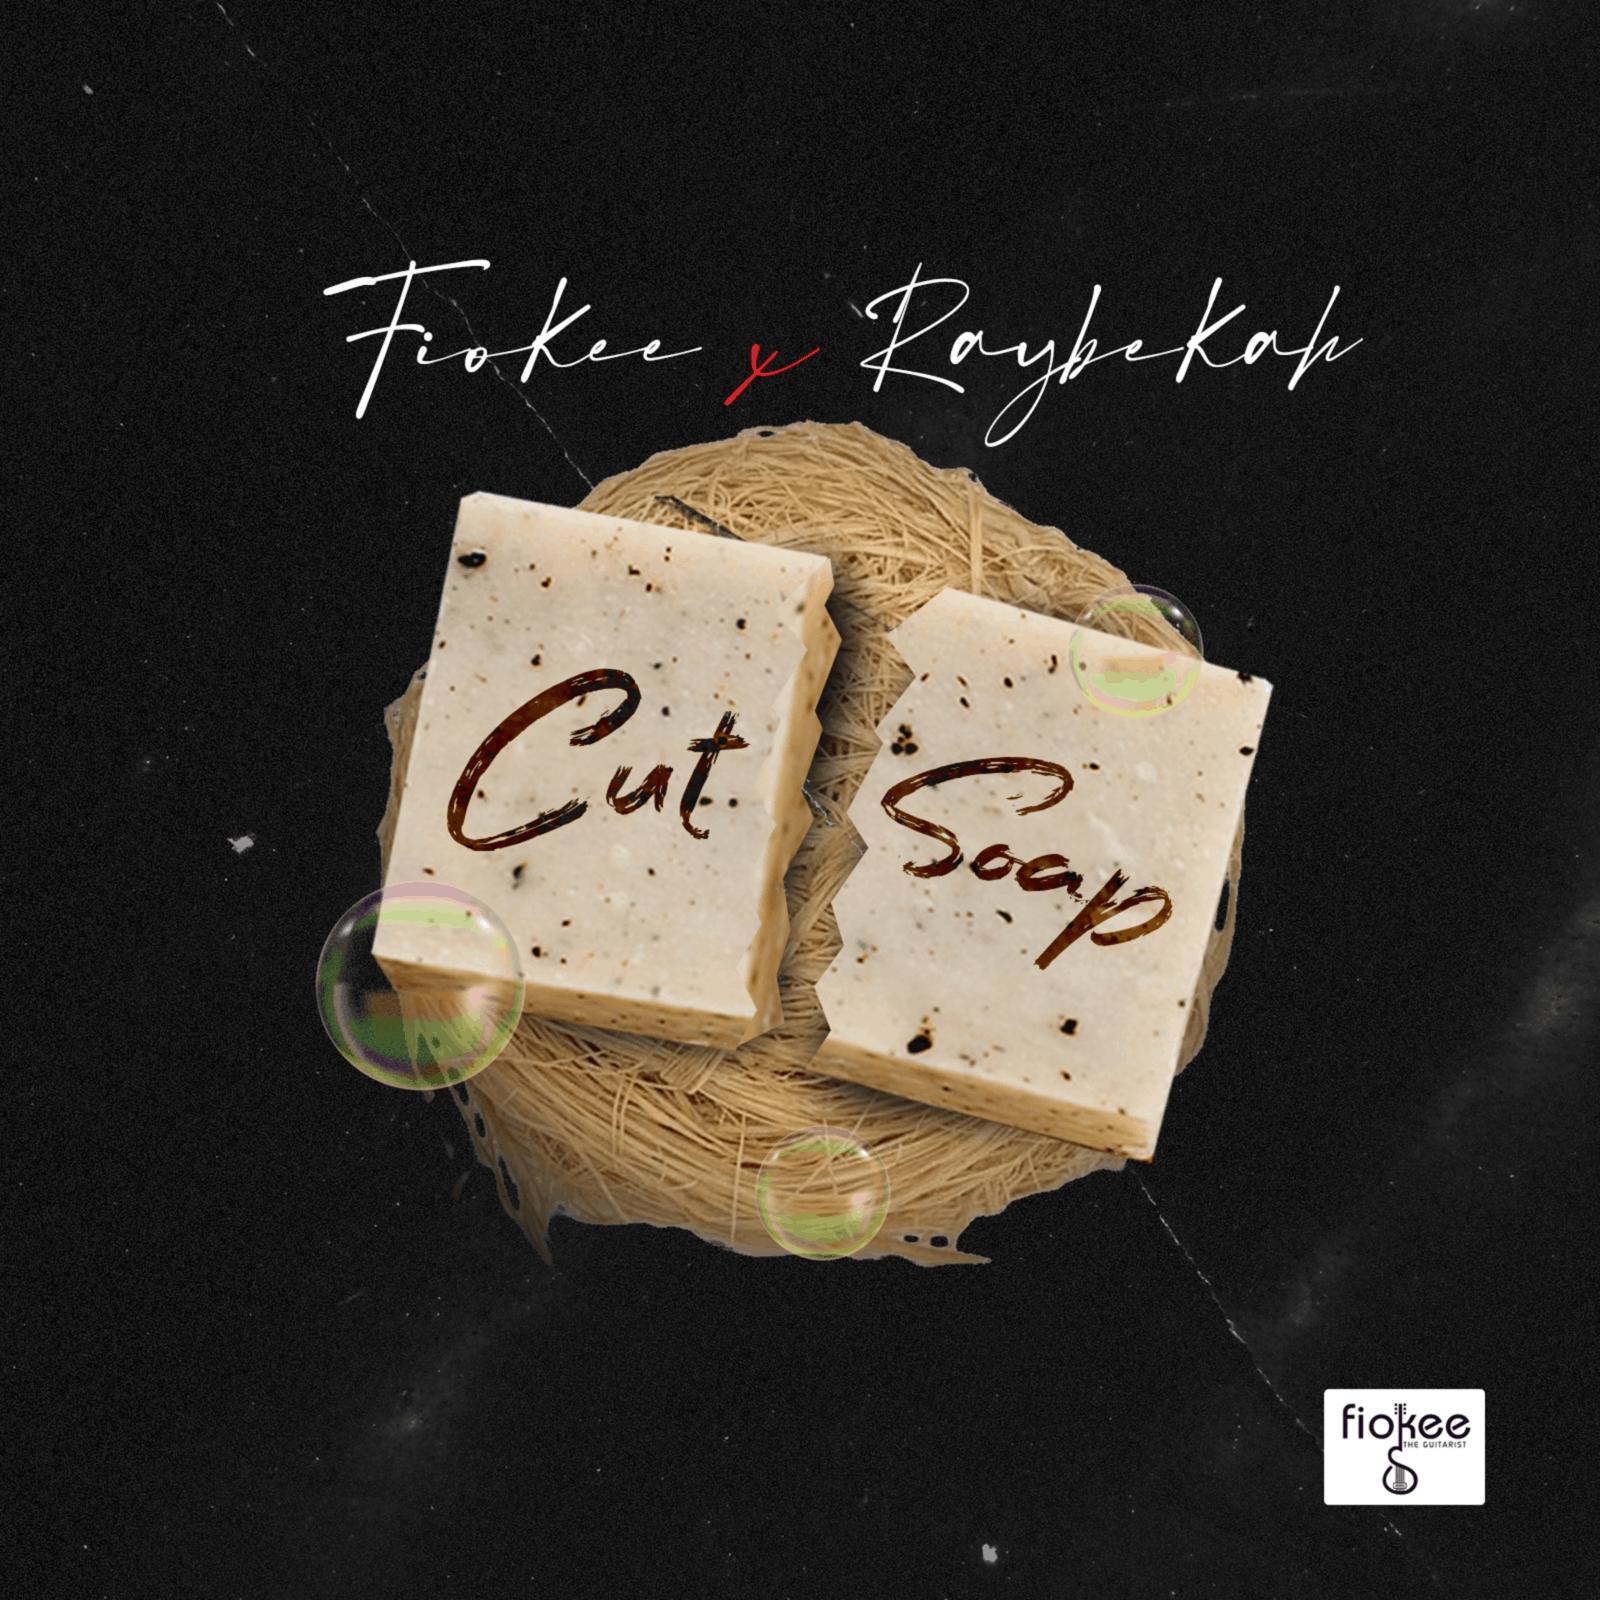 Fiokee & Raybekah - Cut Soap